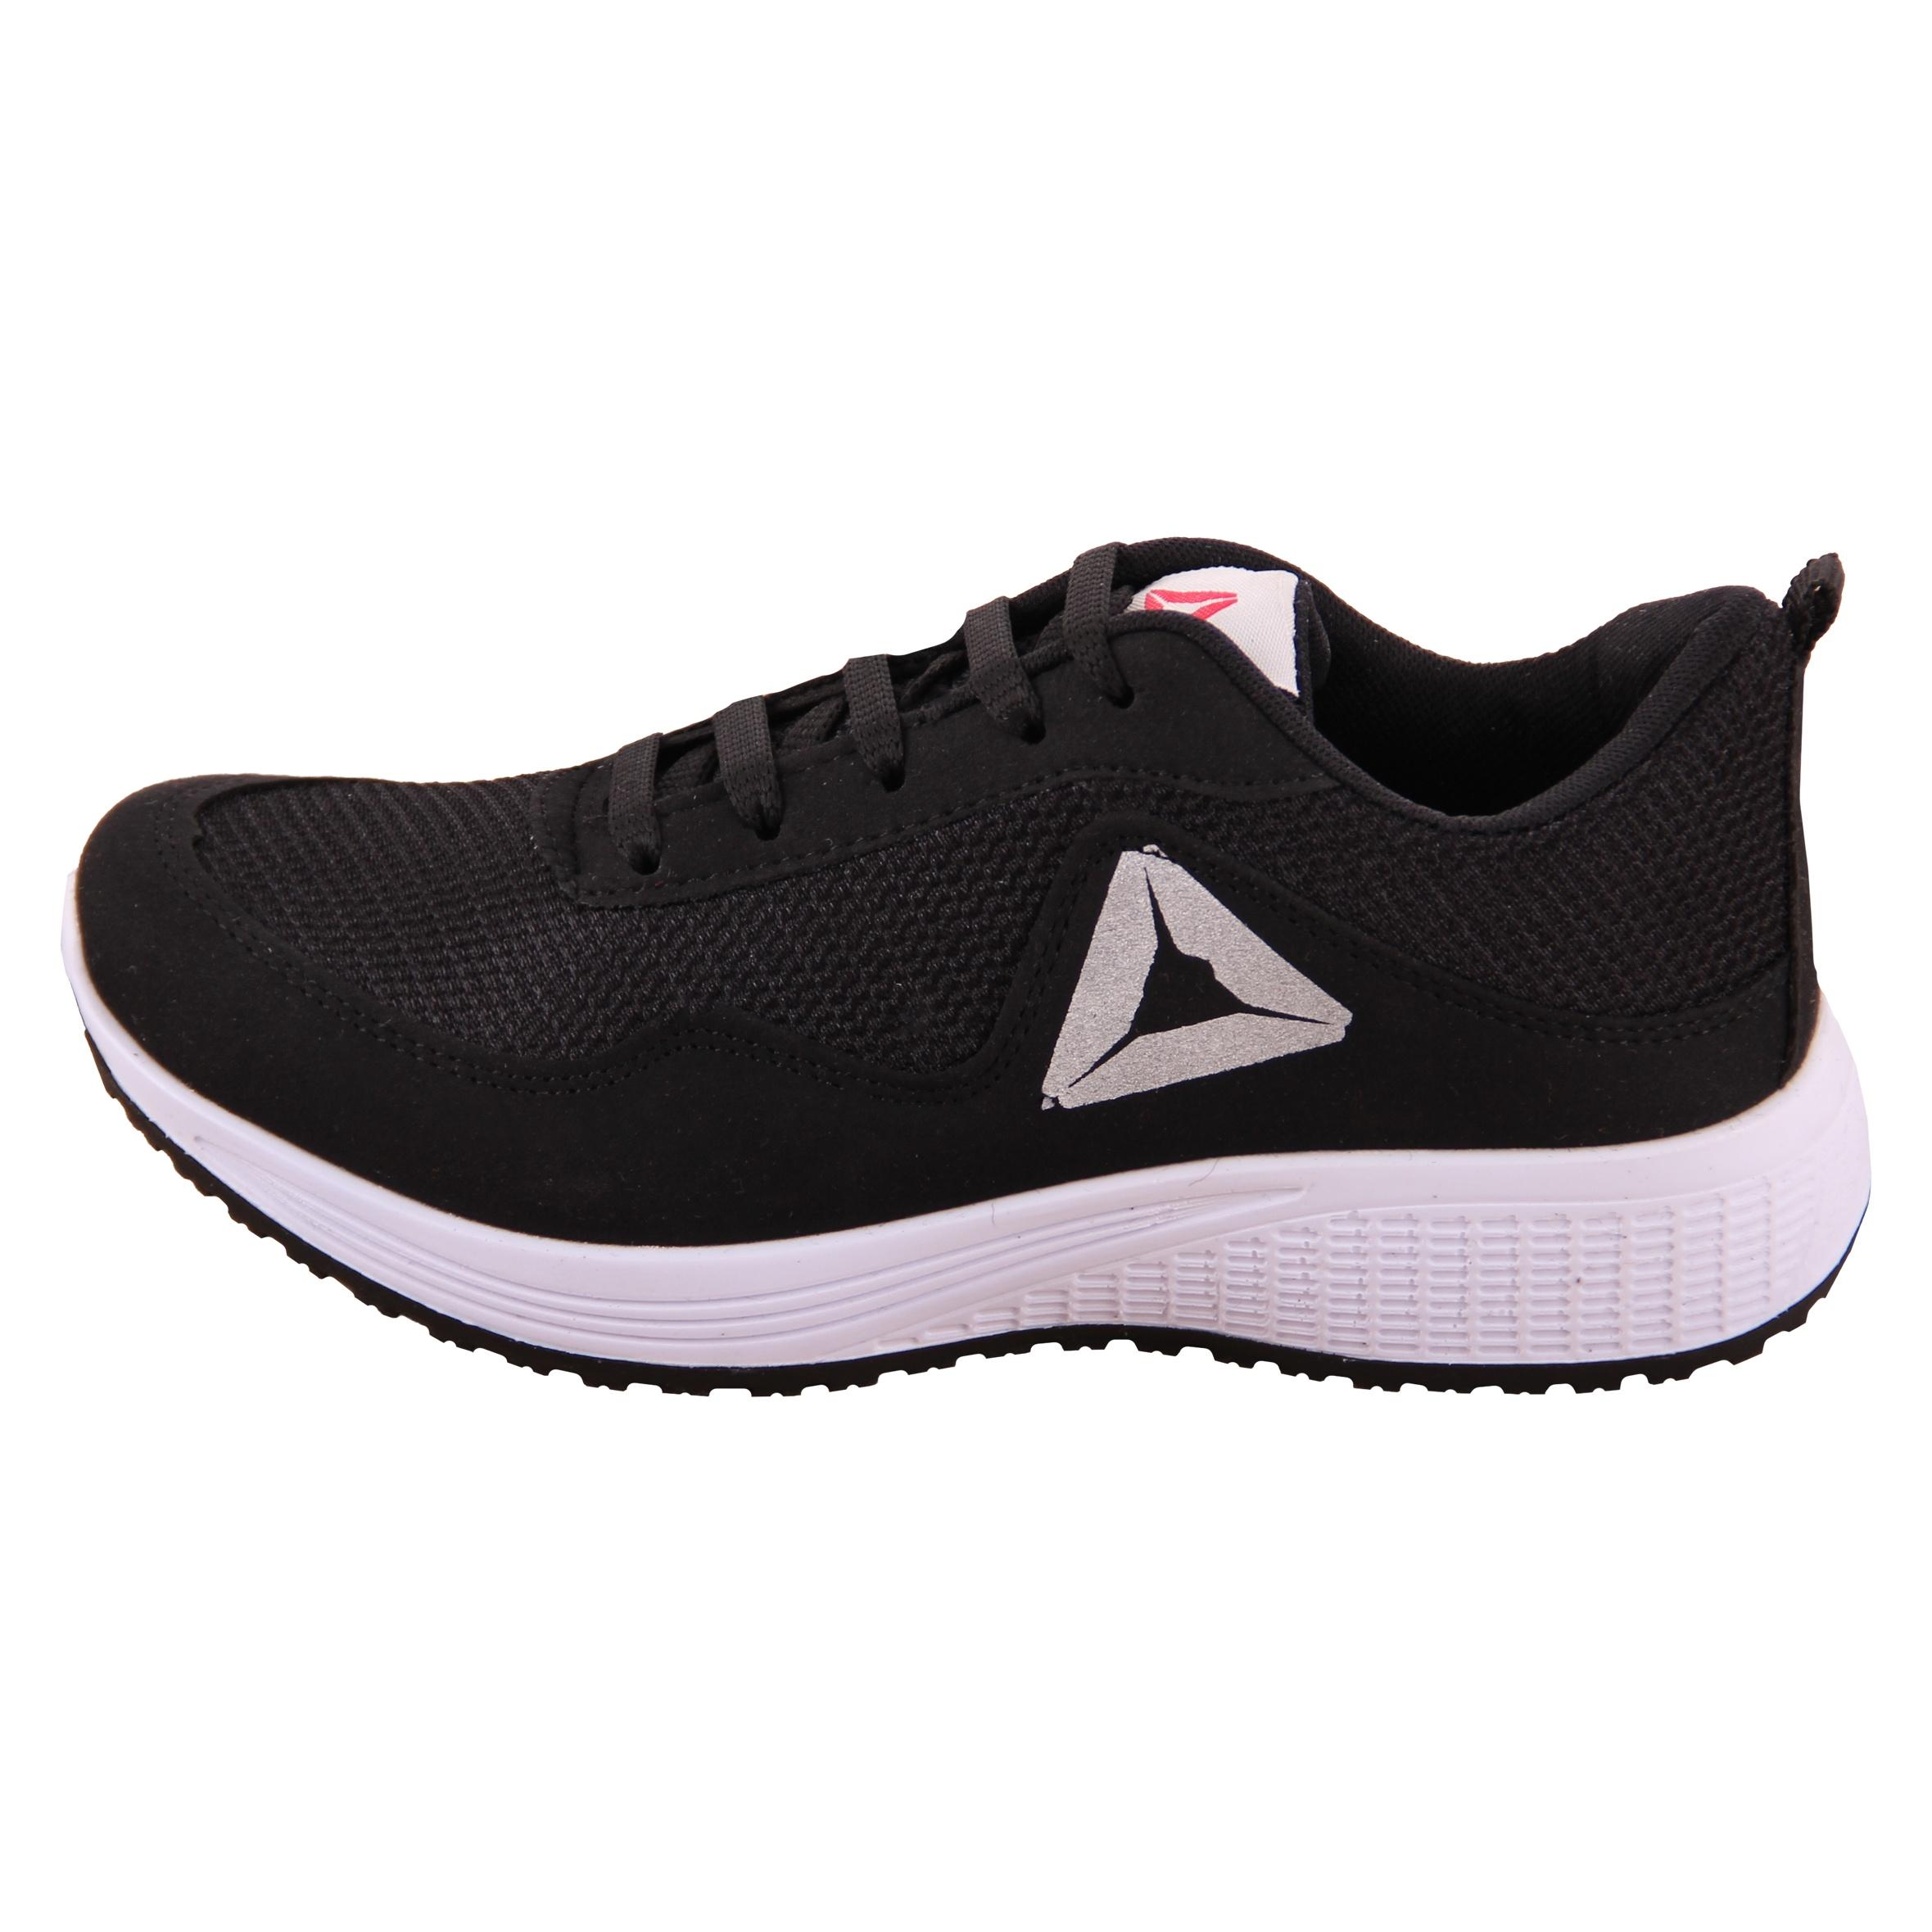 کفش مخصوص پیاده روی زنانه کد 1-39718